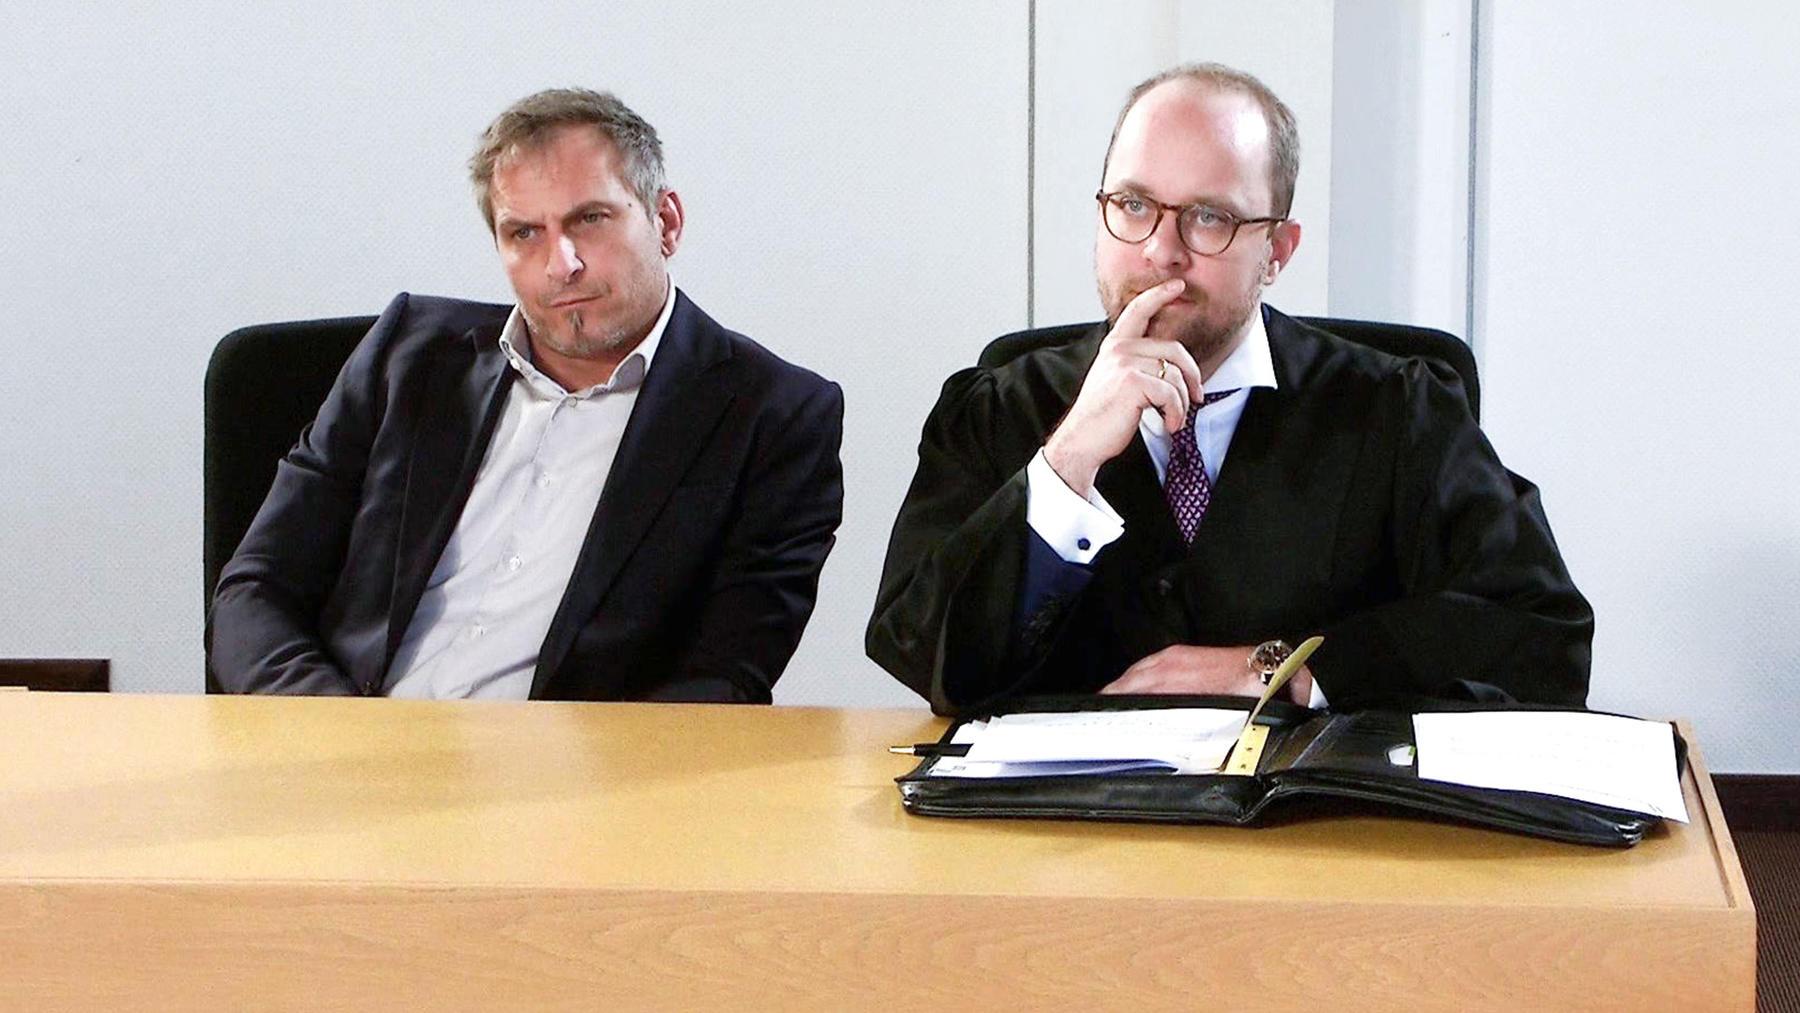 Chef wegen unsittlicher Berührungen am Arbeitsplatz angeklagt (22) / Zierliche Frau wegen vorsätzlic